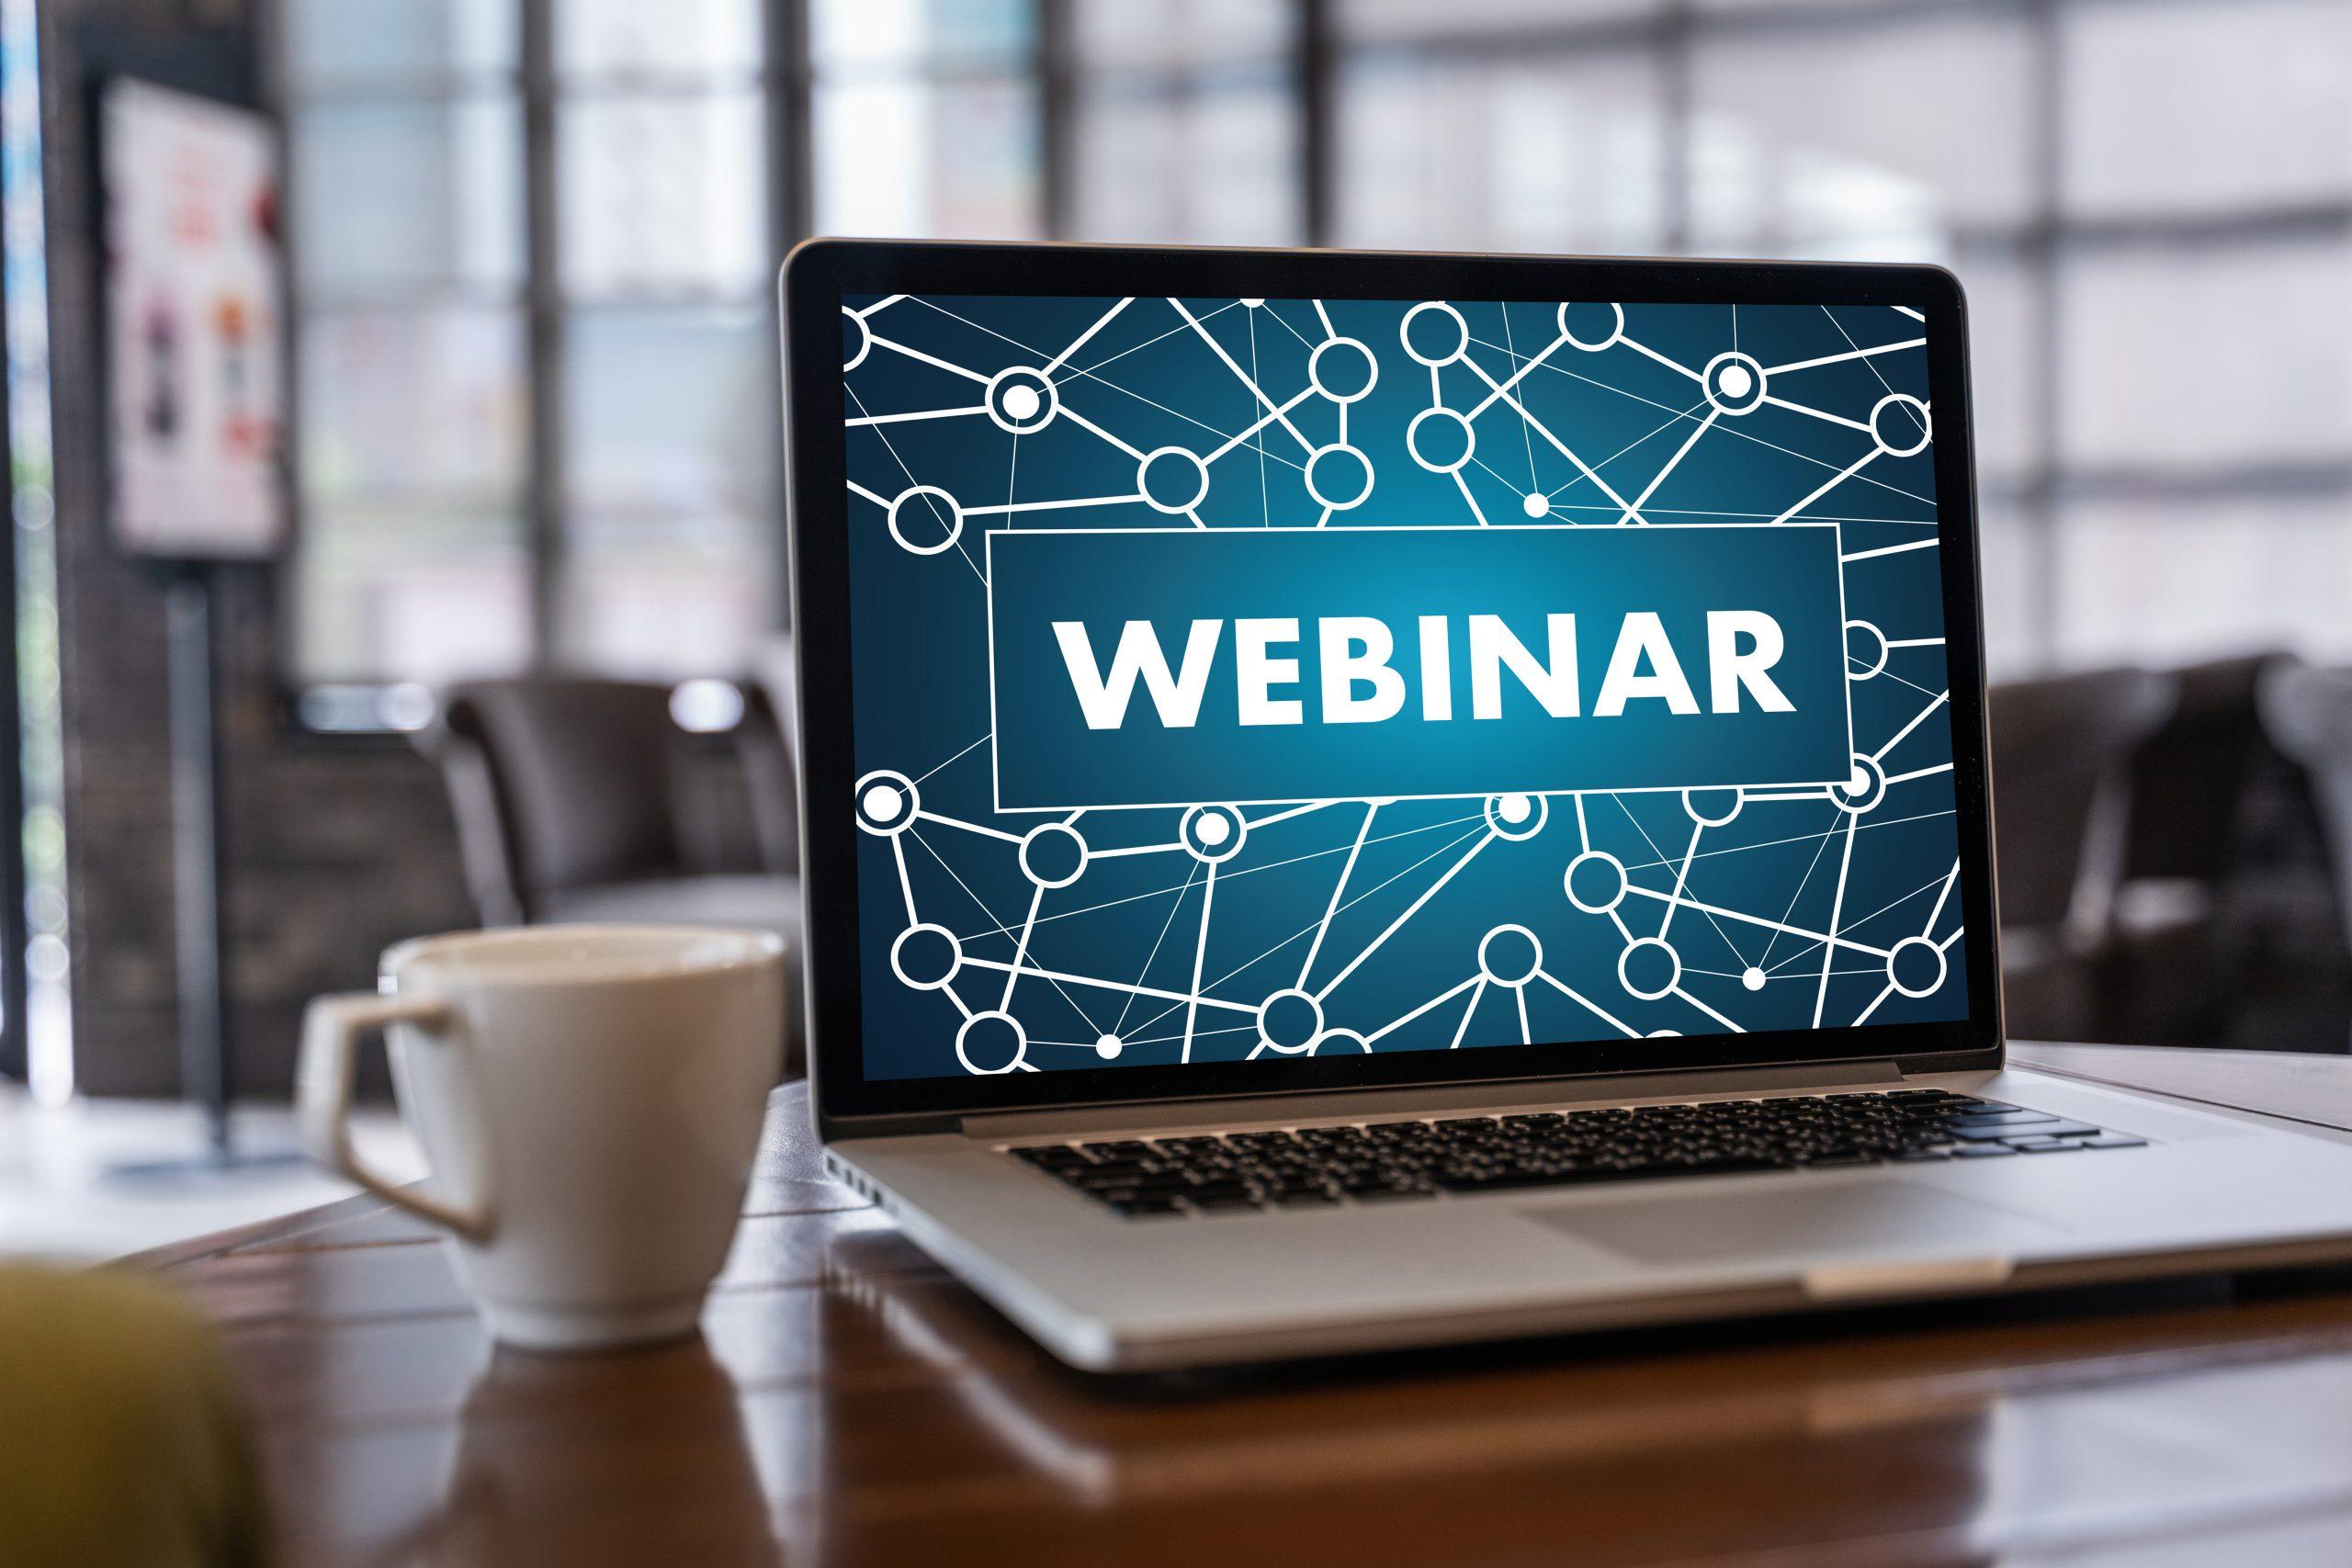 Webinars and Meetings